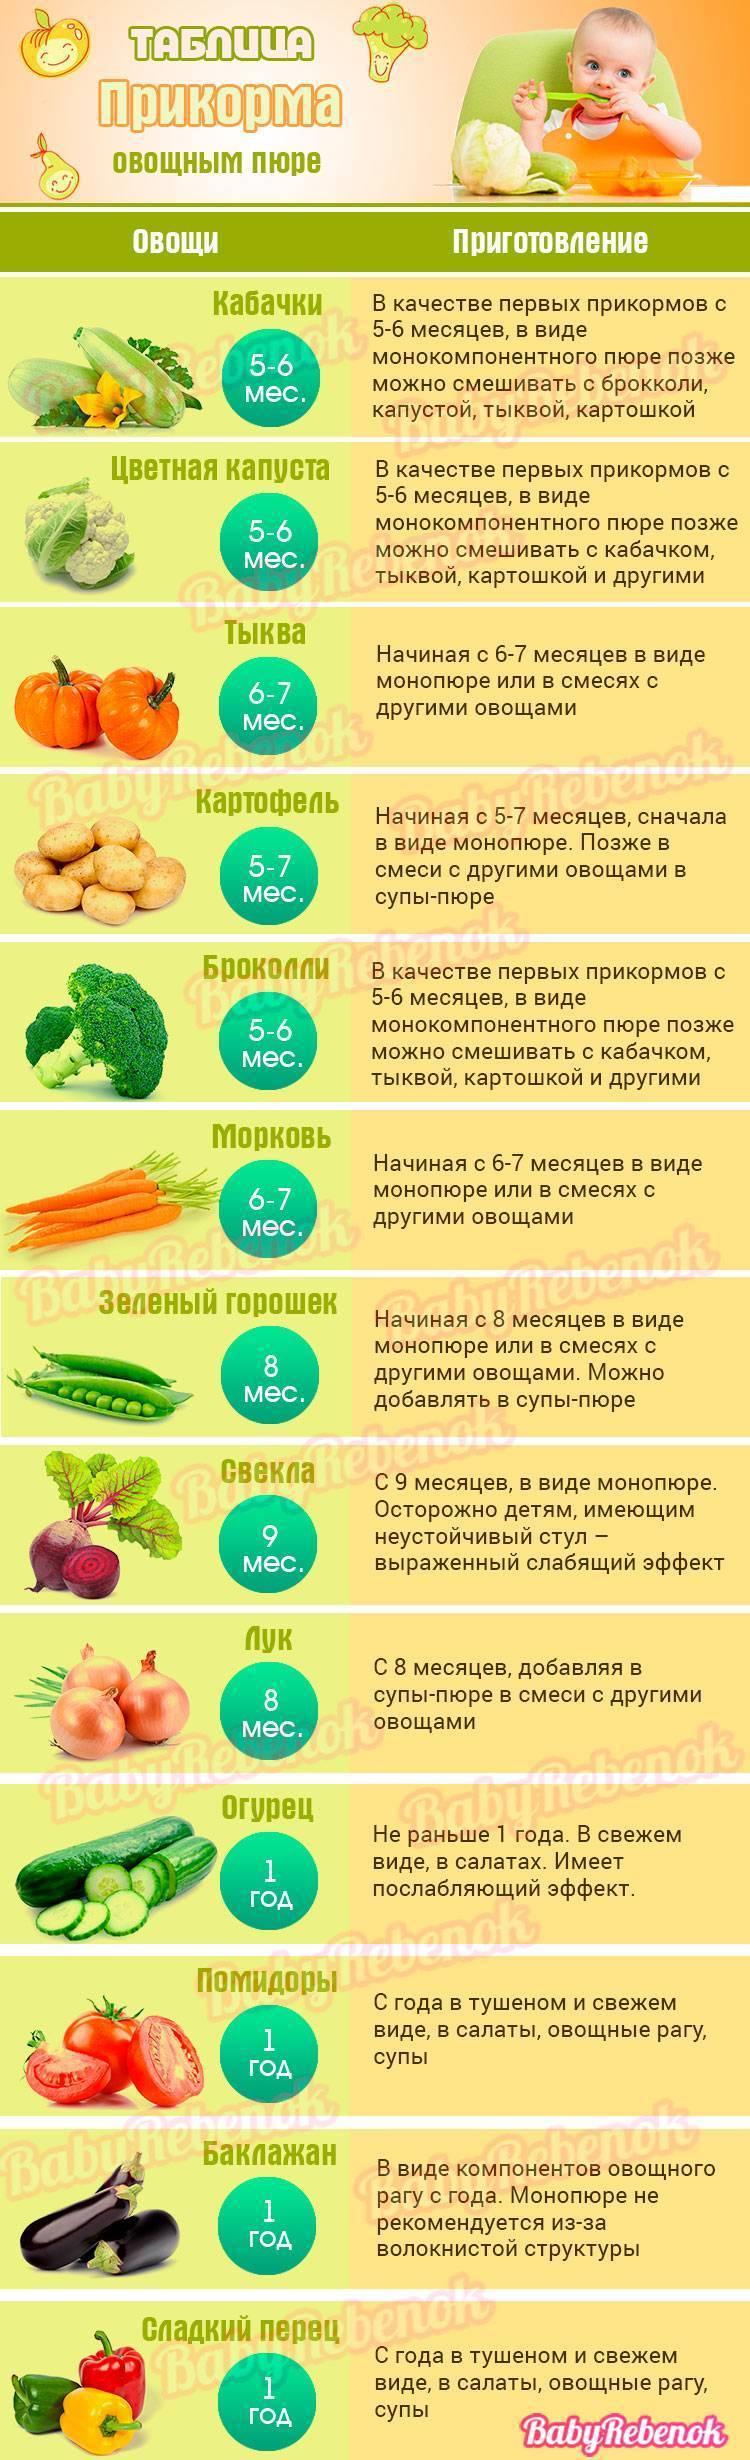 Когда можно давать морковный сок грудничку, с какого возраста и как правильно готовить